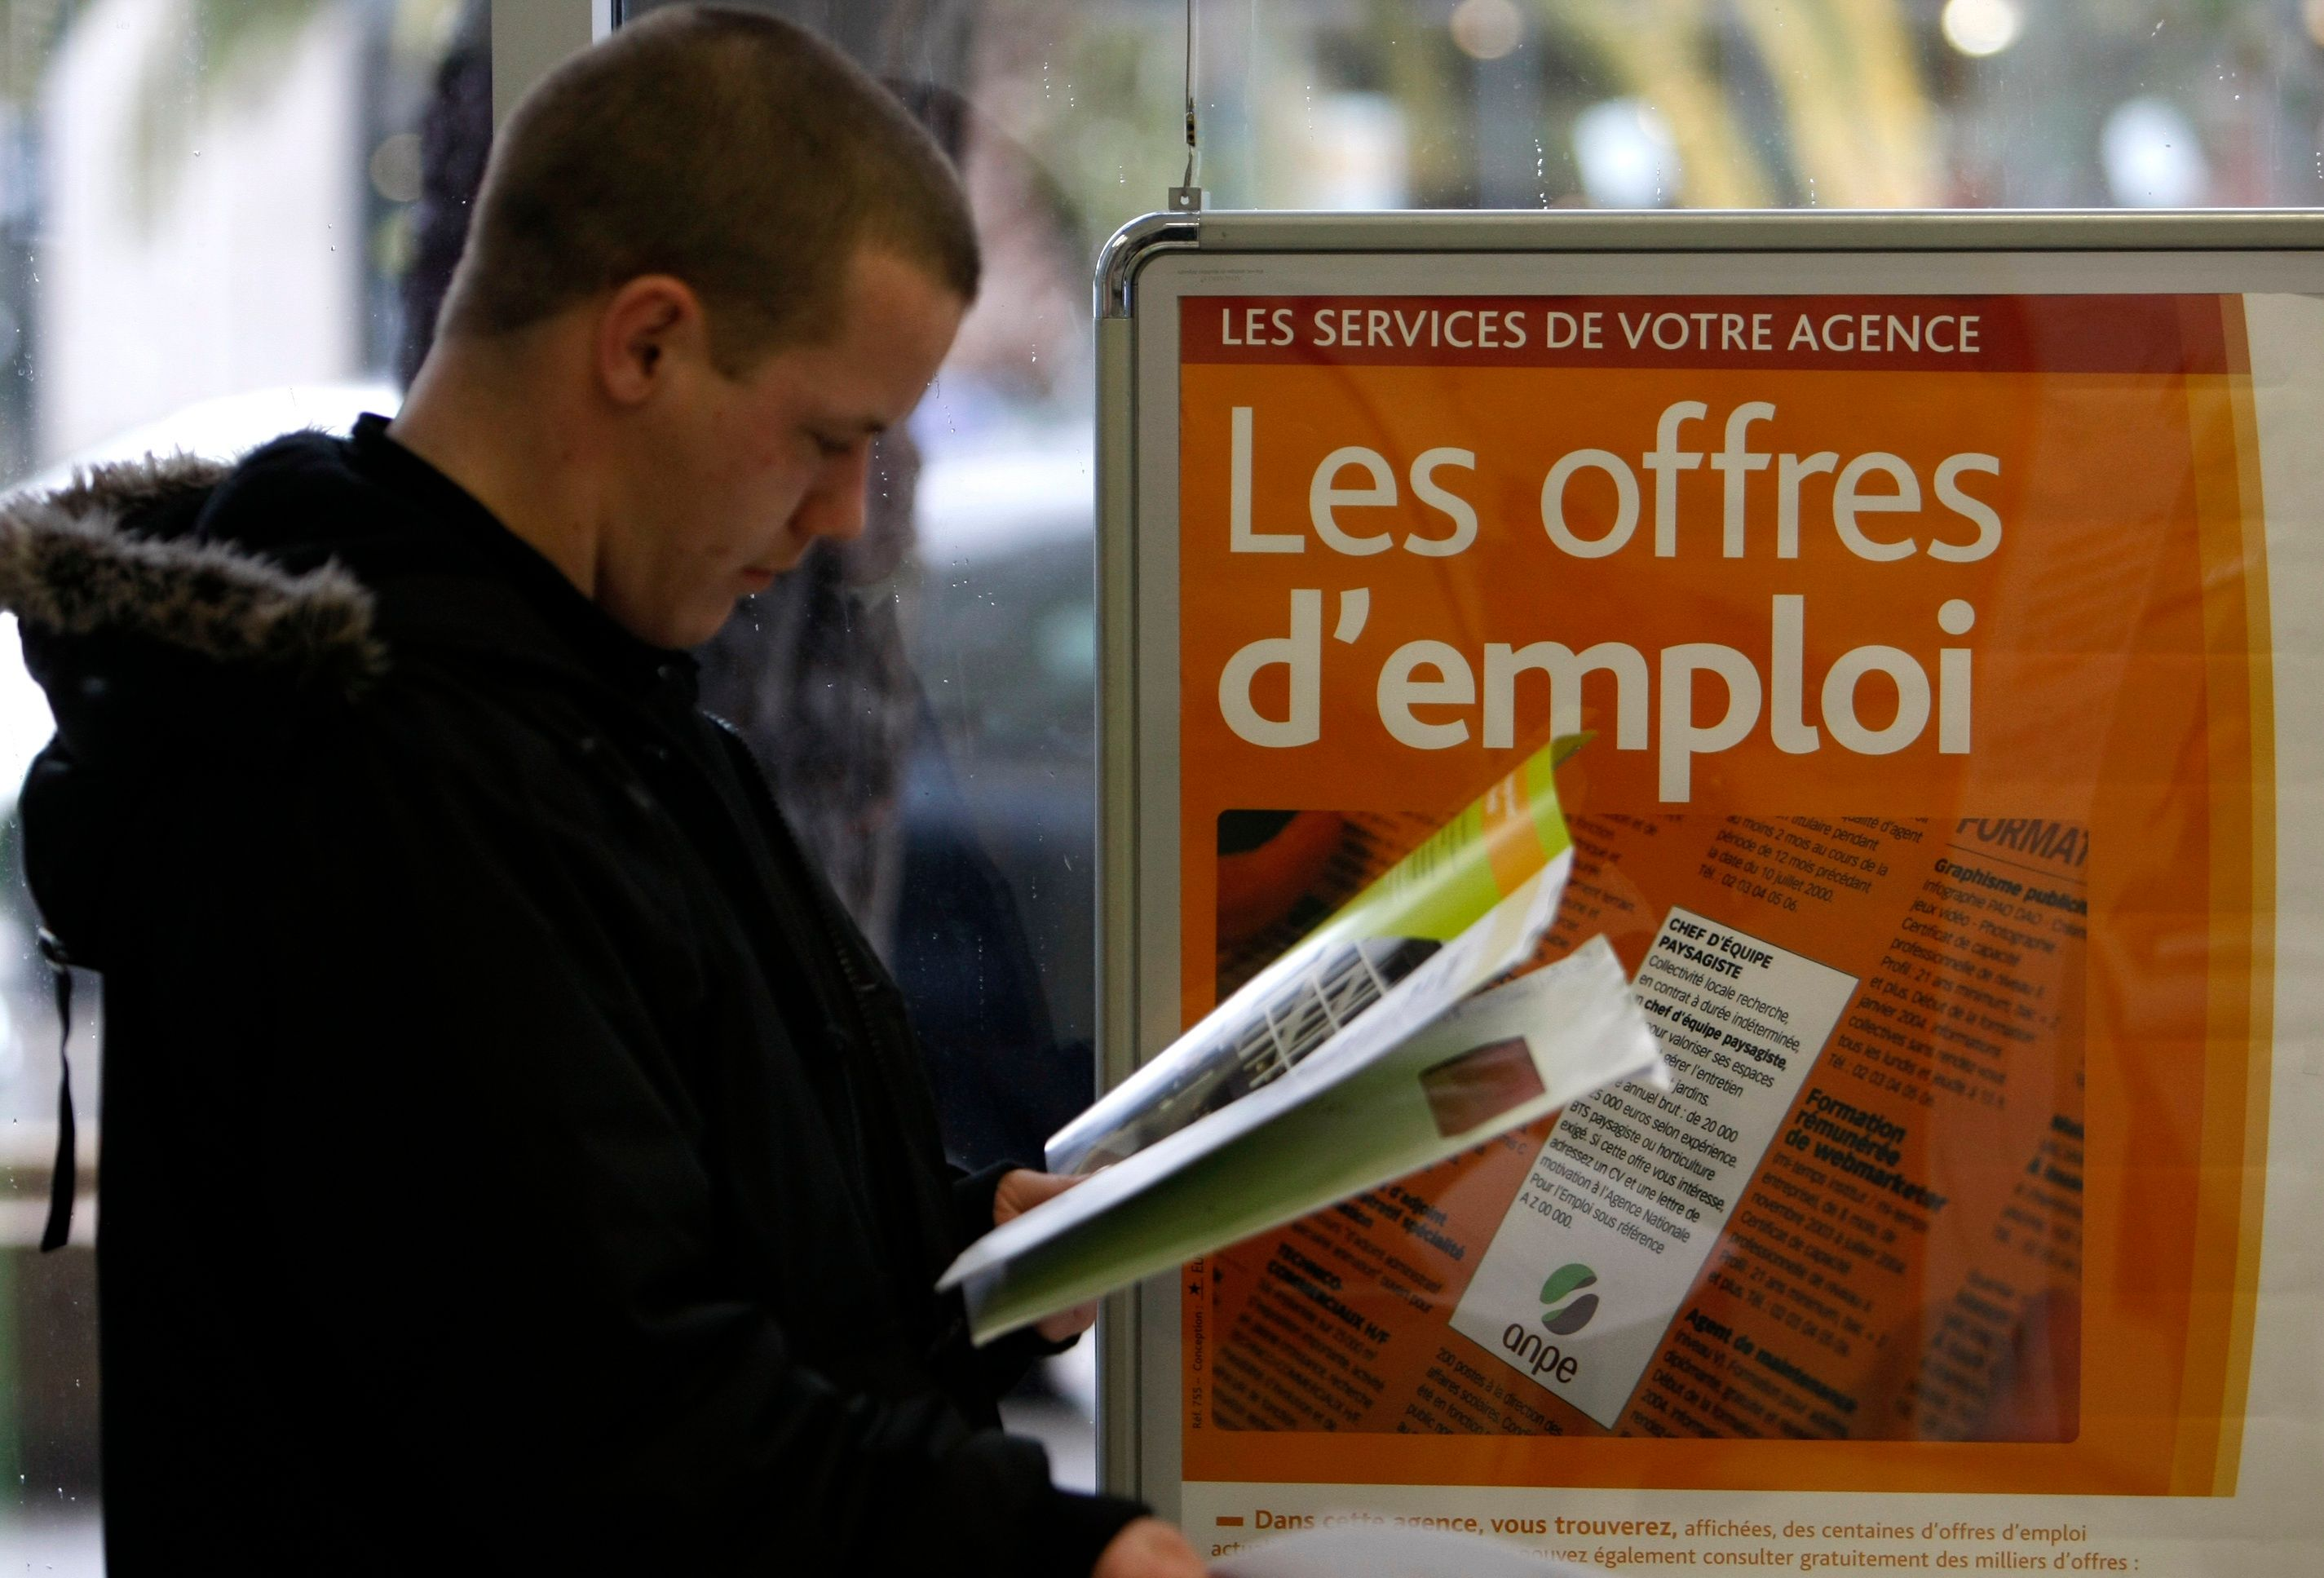 Les déclarations d'embauche en CDI au premier trimestre 2013 ont chuté de 6% par rapport au trimestre précédent et de 12,7% sur un an.